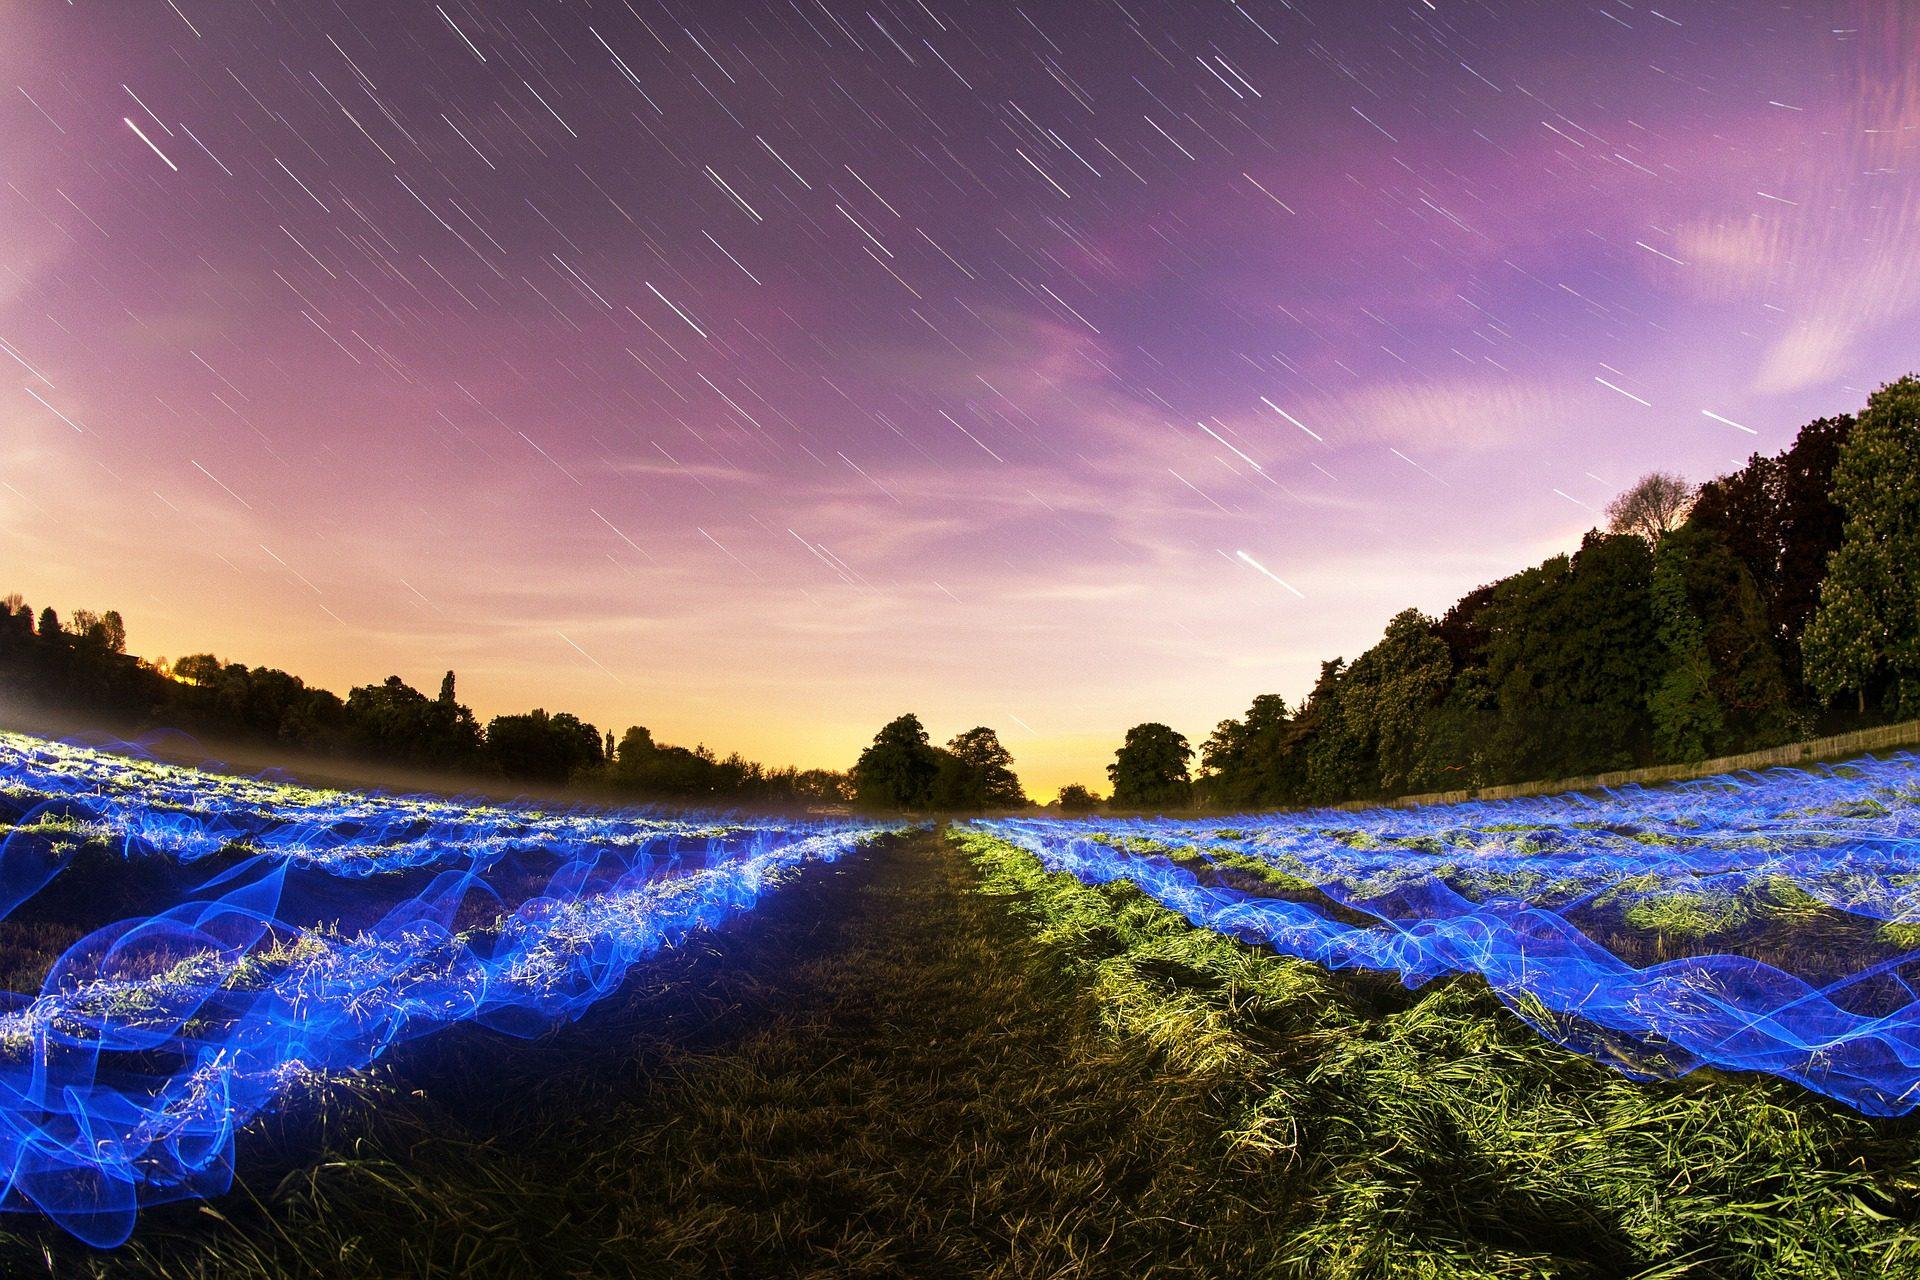 деревья, Небо, Звезда, ночь, гало - Обои HD - Профессор falken.com